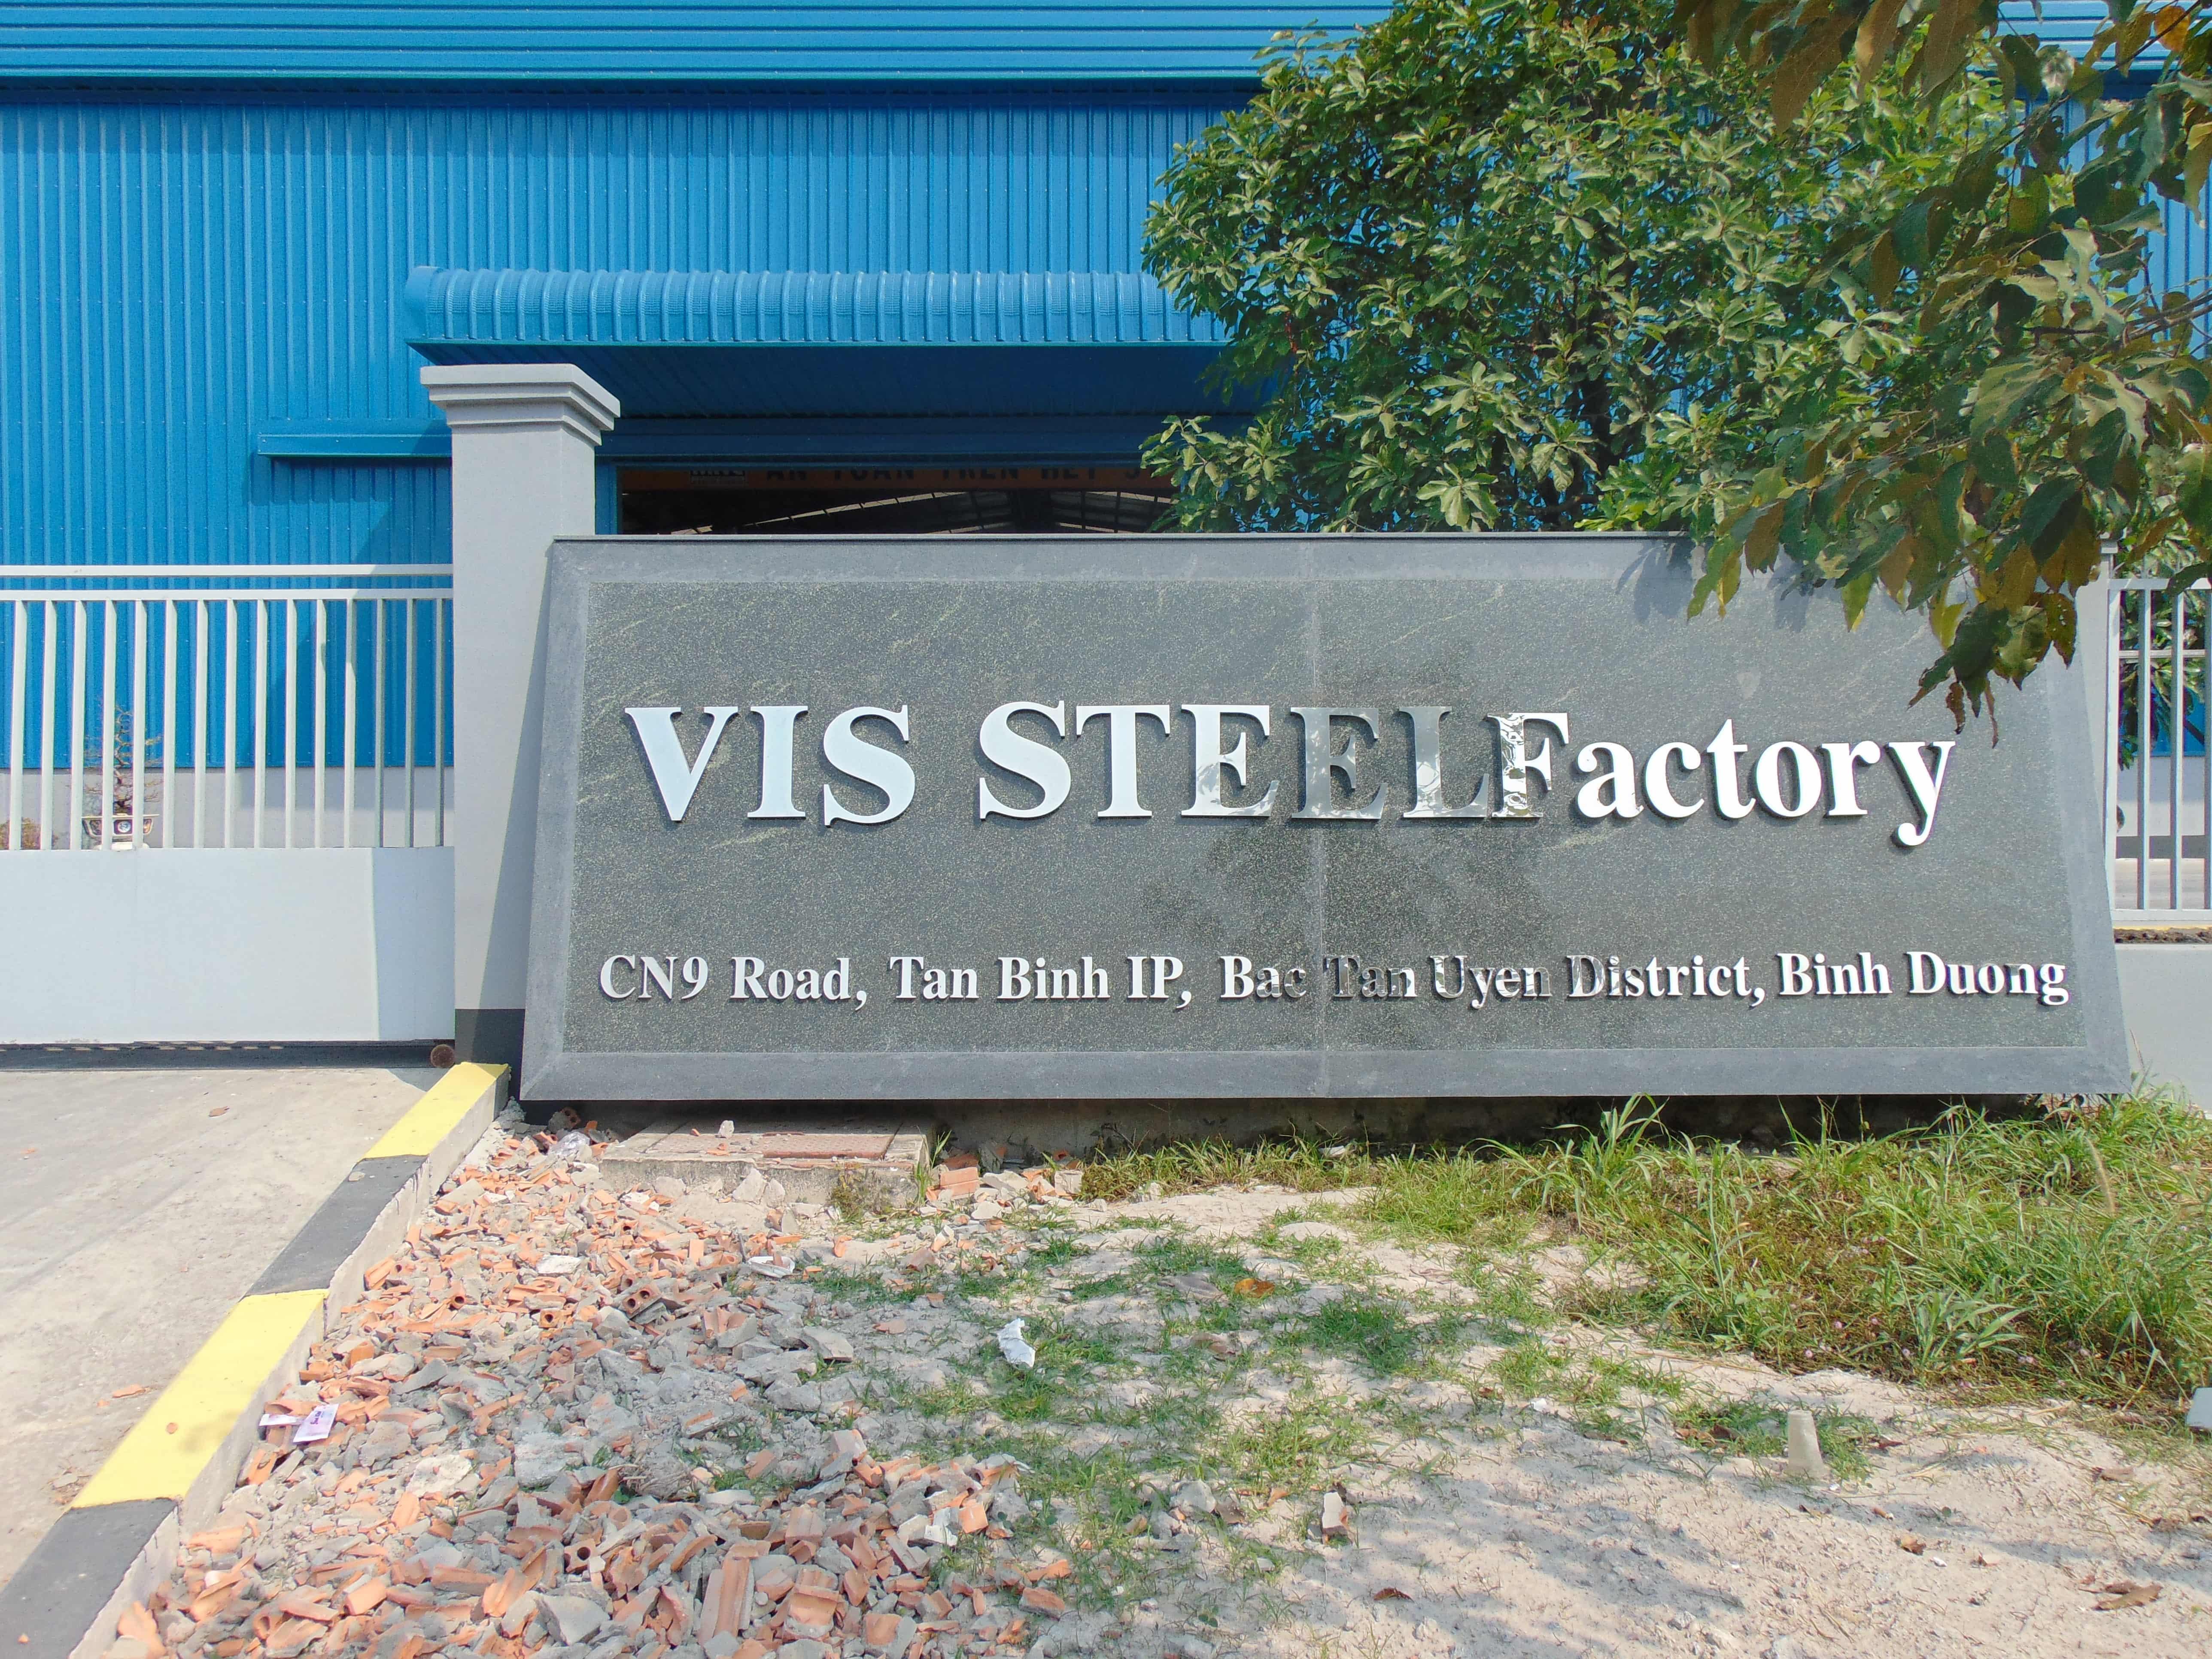 Vì sao lựa chọn công ty kết cấu thép Vis cho dự án của bạn?